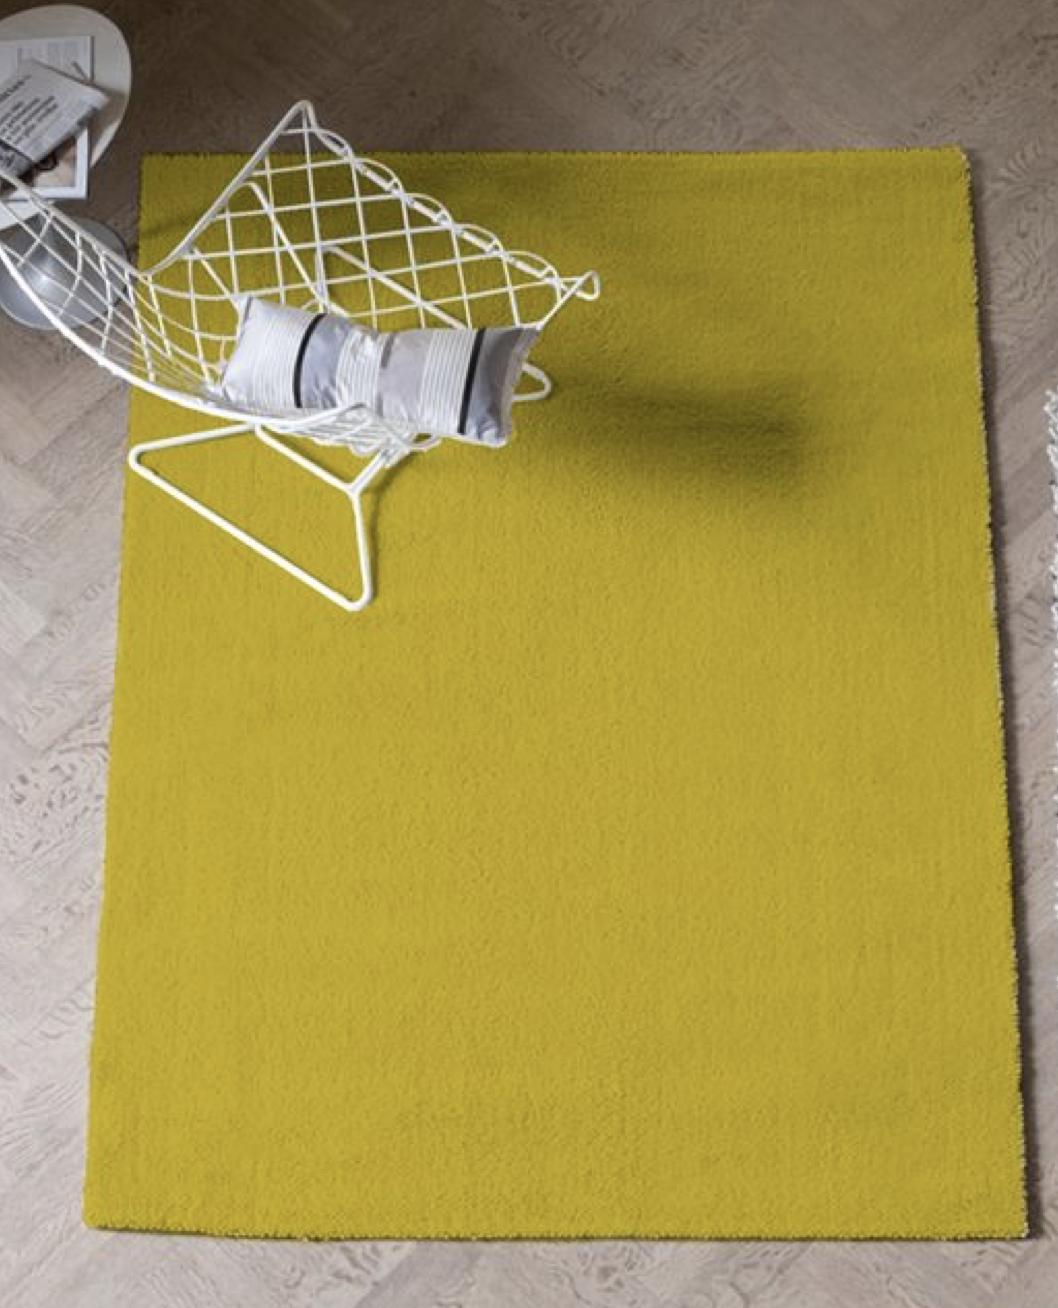 Soho Lemon Rug from Designers Guild